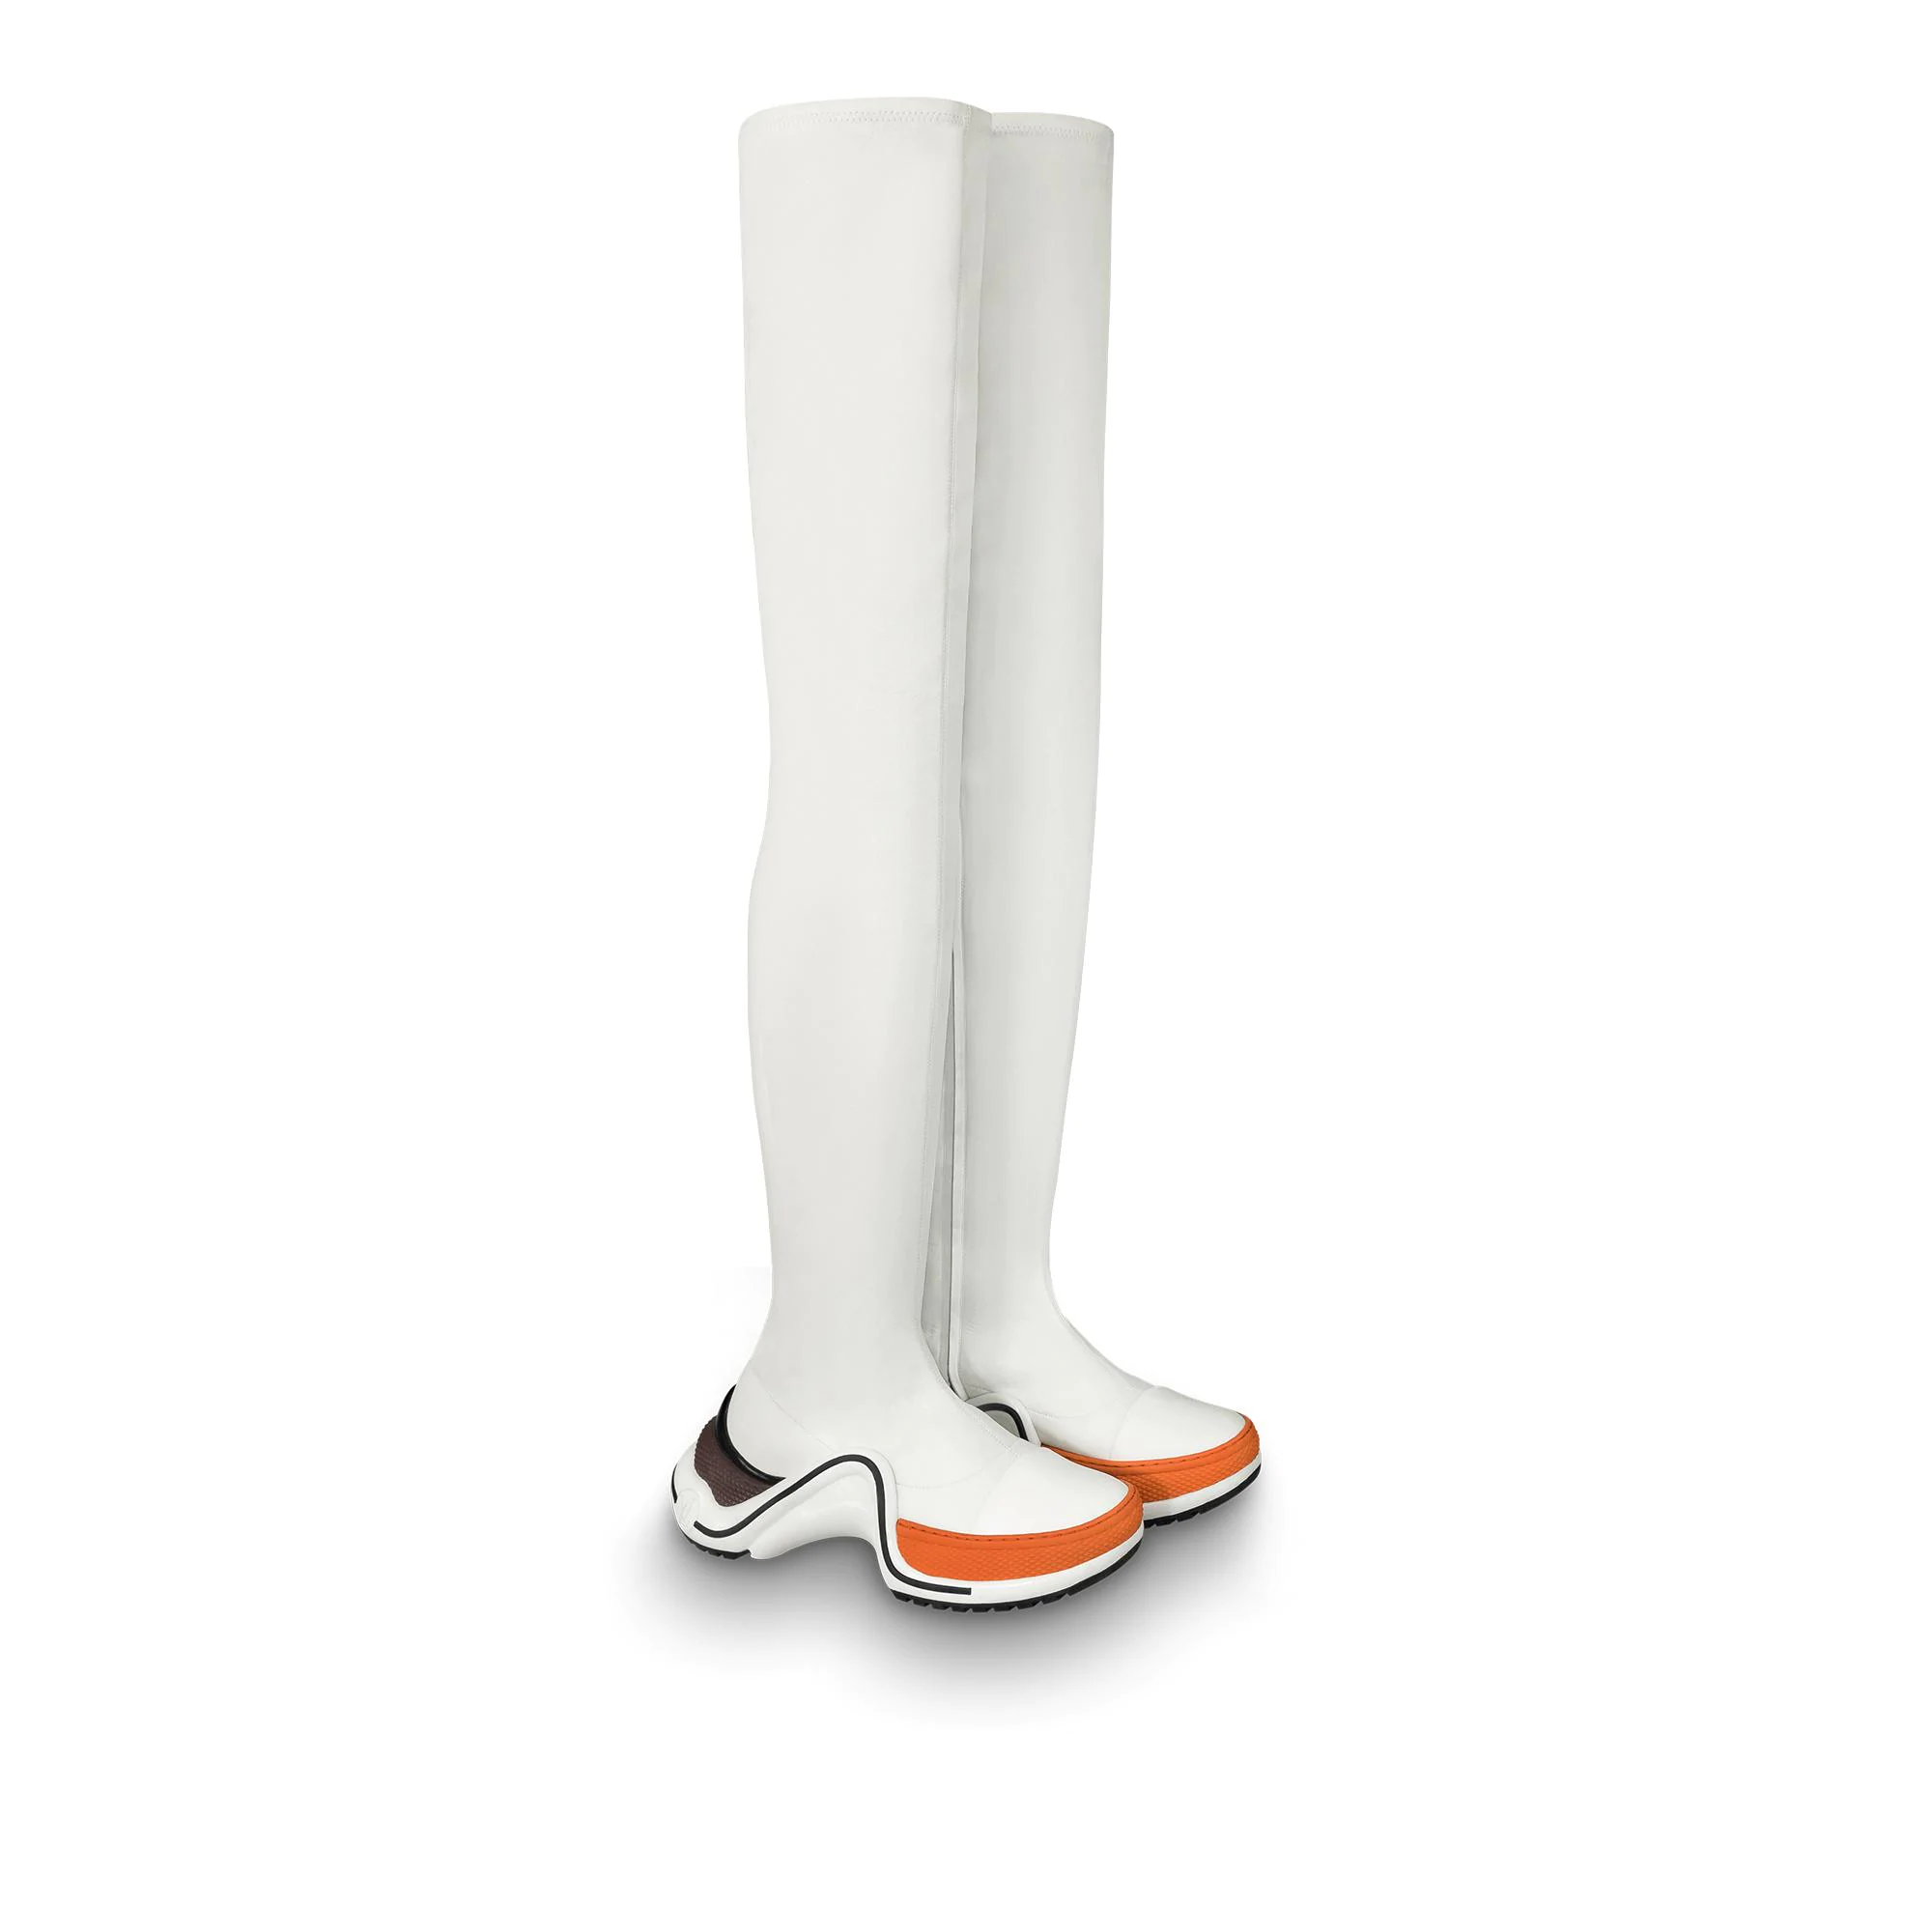 유럽직배송 루이비통 LOUIS VUITTON LV Archlight Flat Thigh Boot 1A52H4